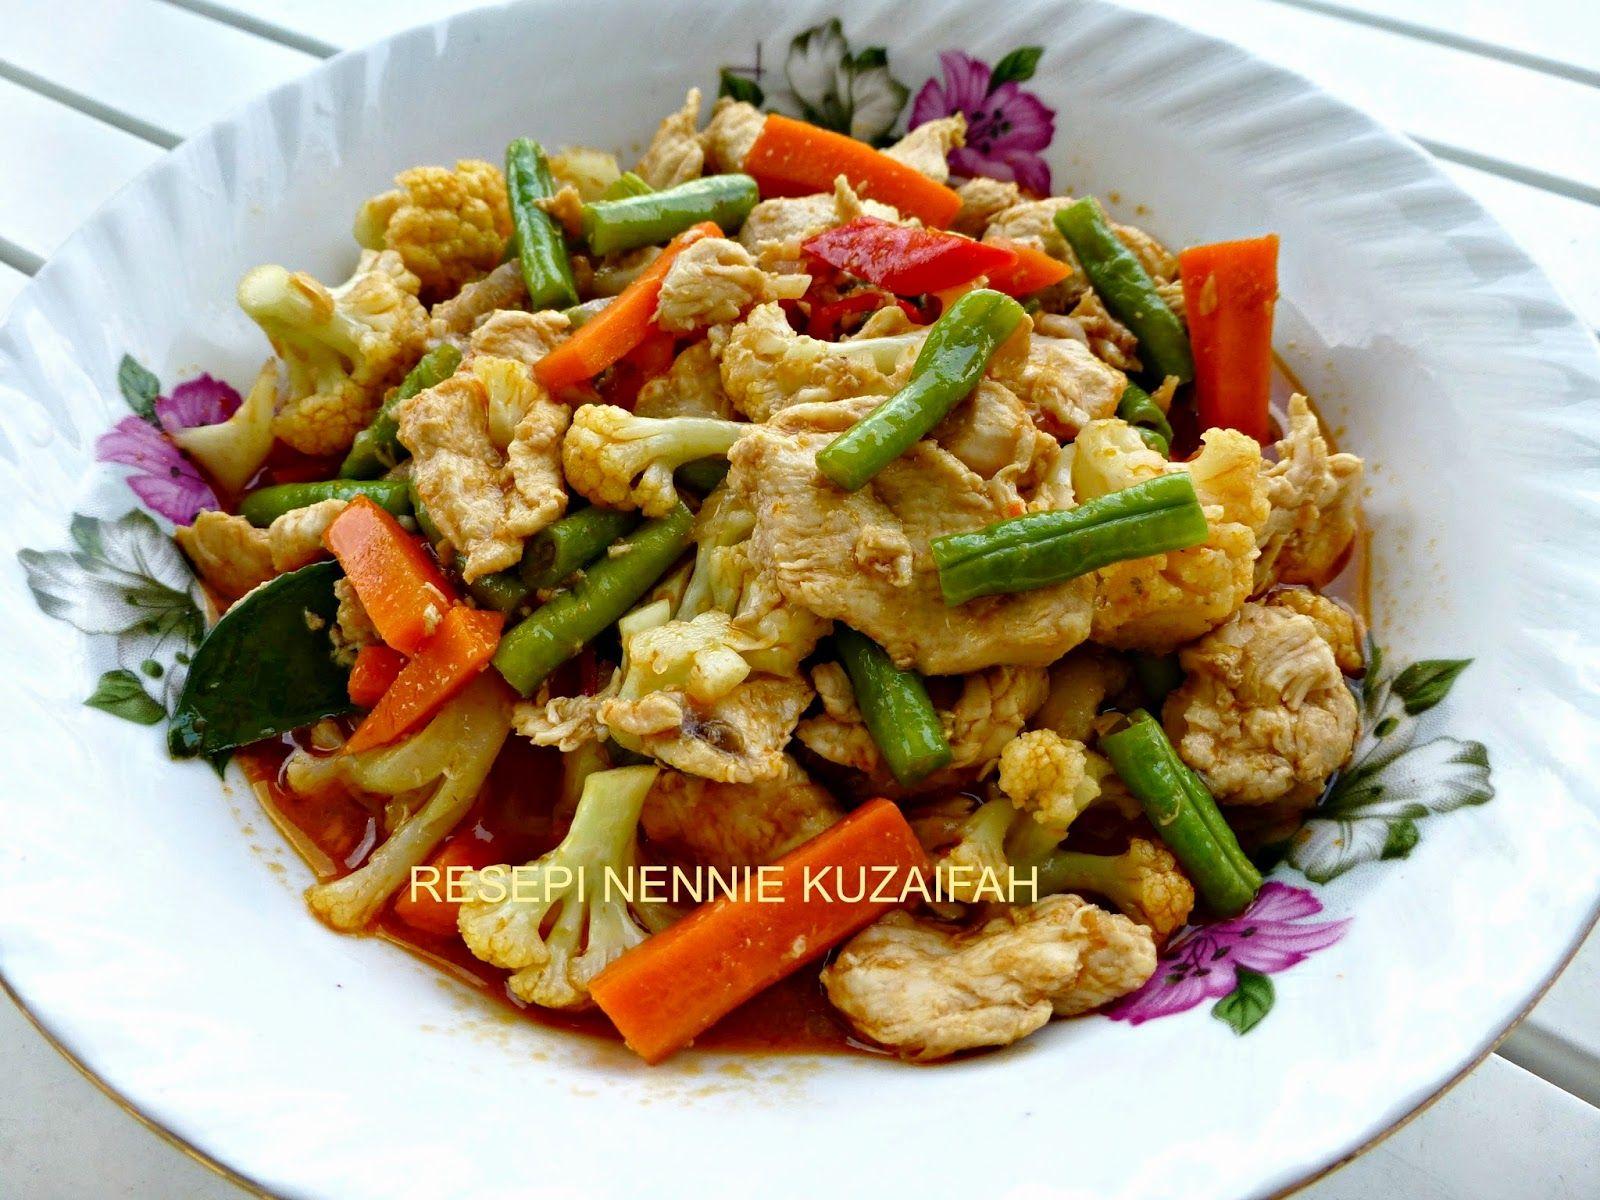 Resepi Nennie Khuzaifah Lauk Hari Ni Paprik Ayam Memasak Resep Makanan Makanan